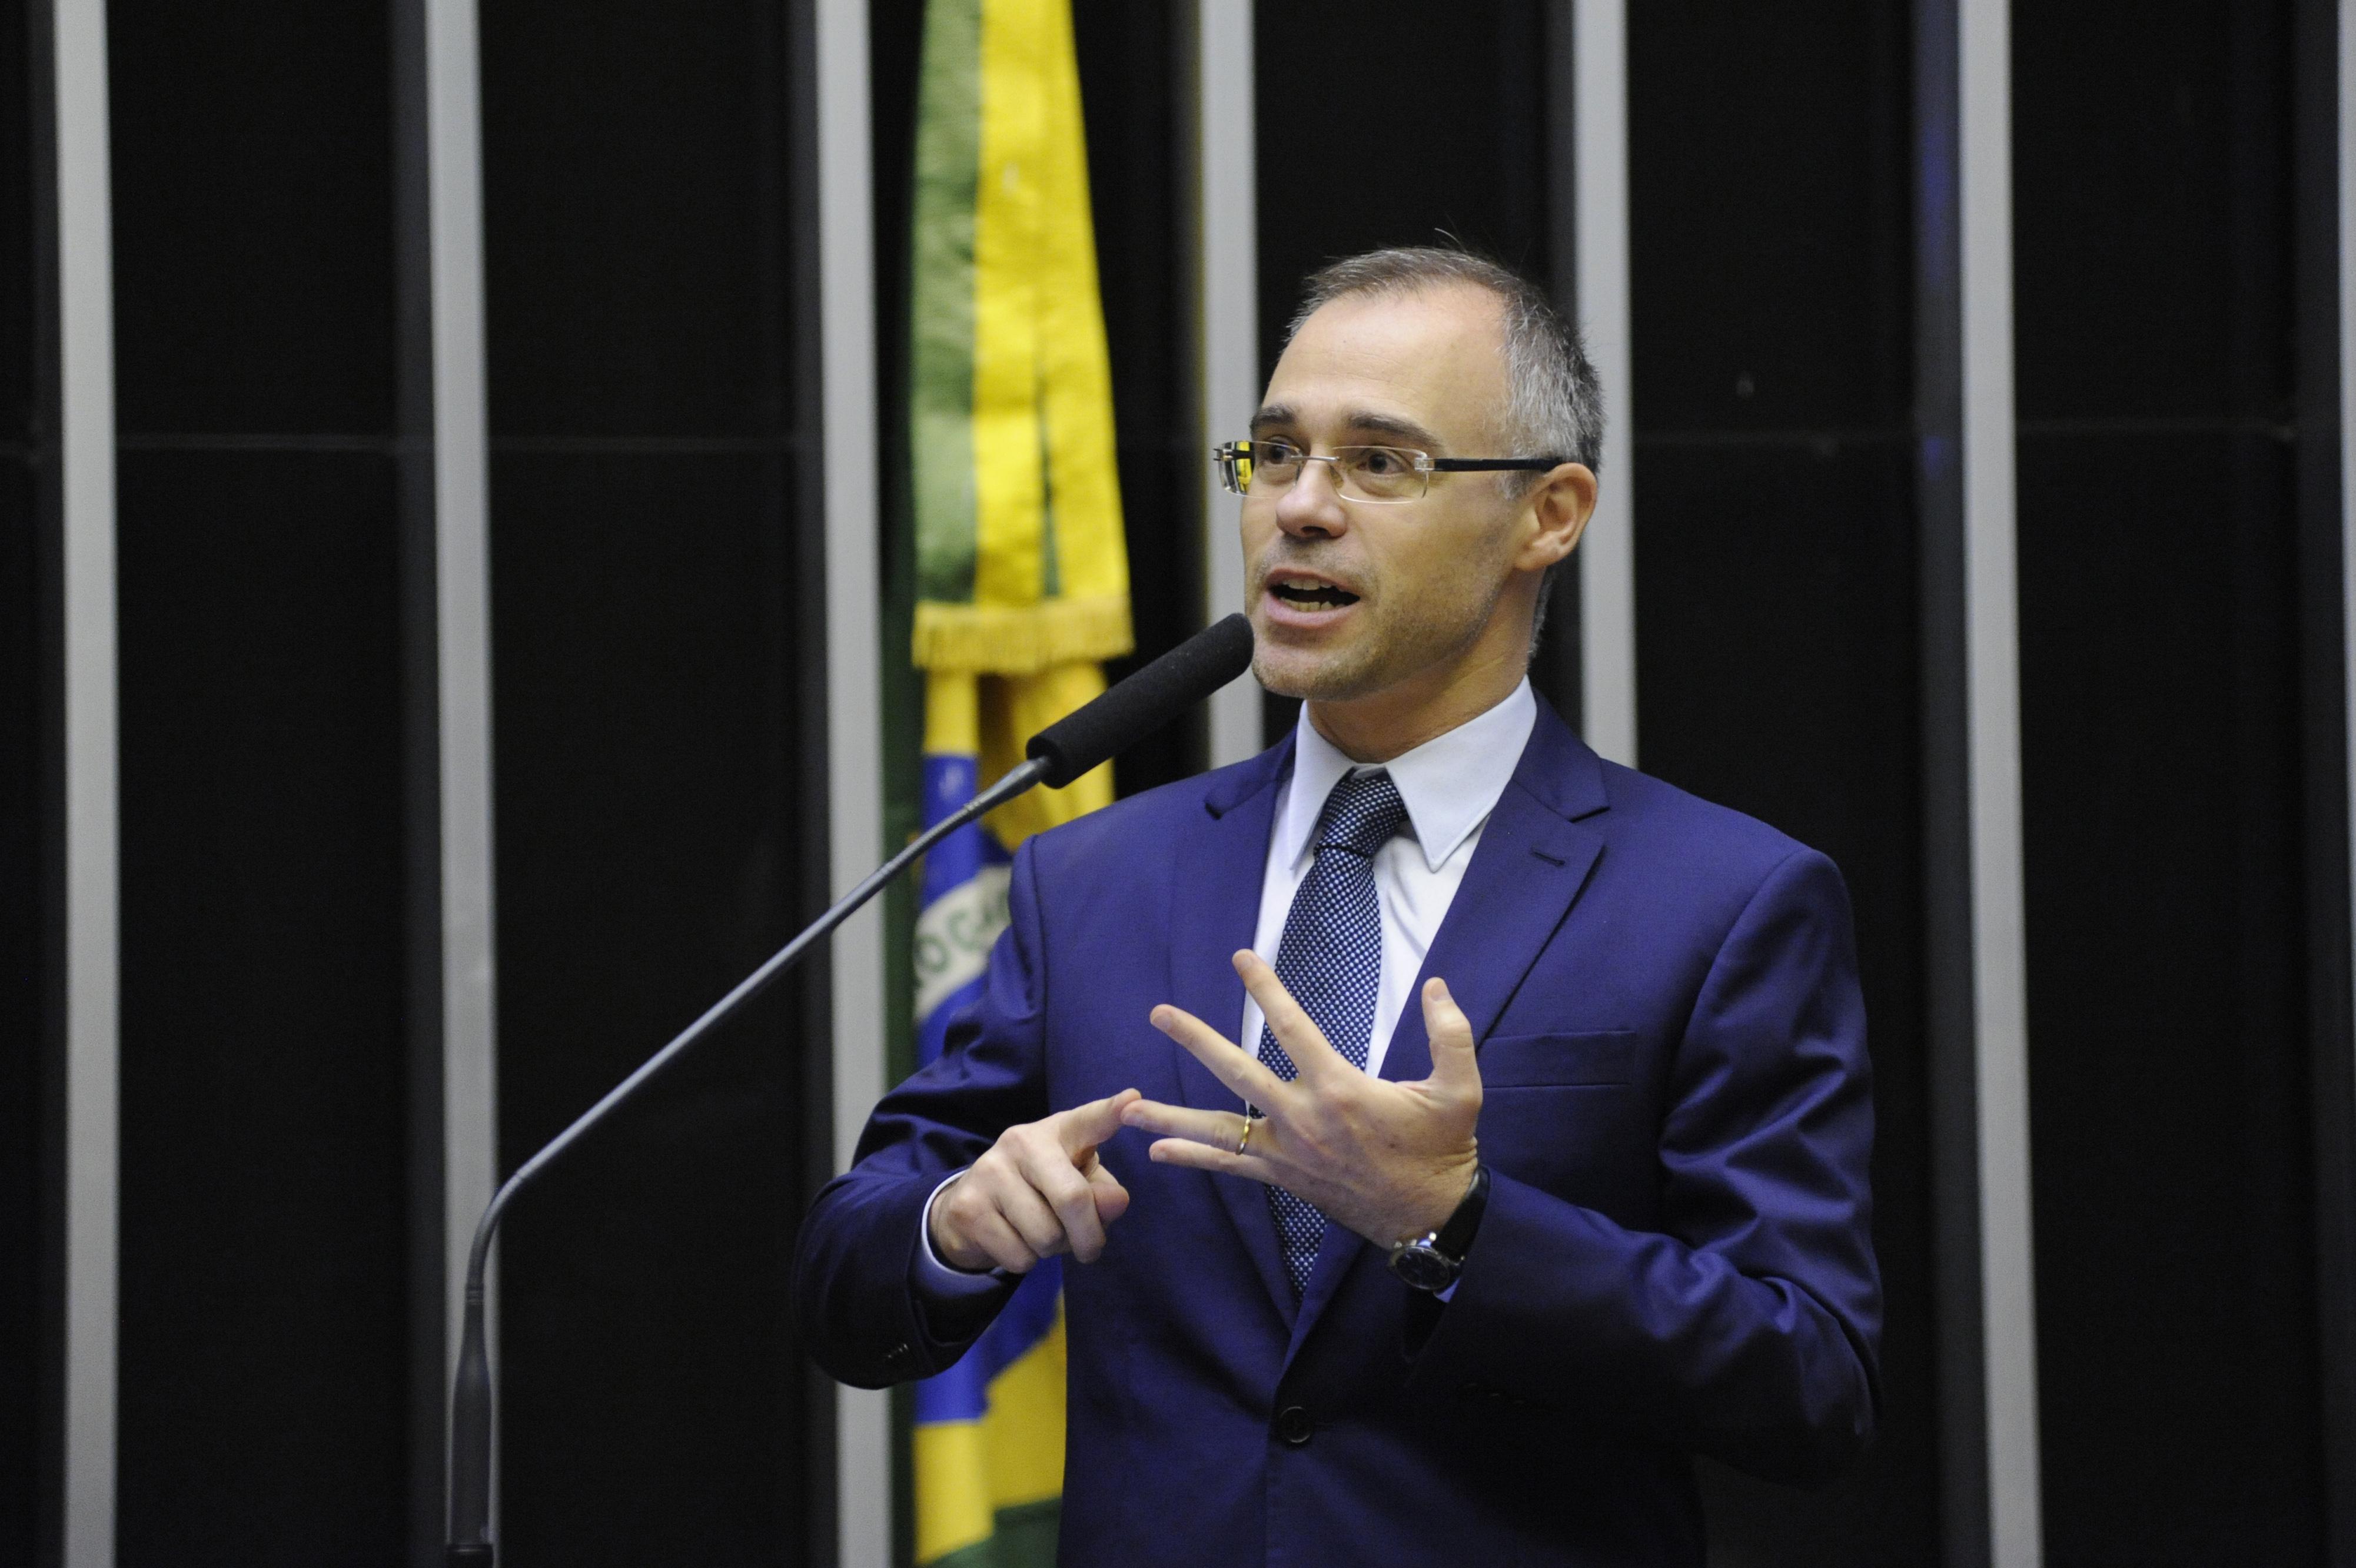 Veja o que saiu no Migalhas sobre André Luiz de Almeida Mendonça